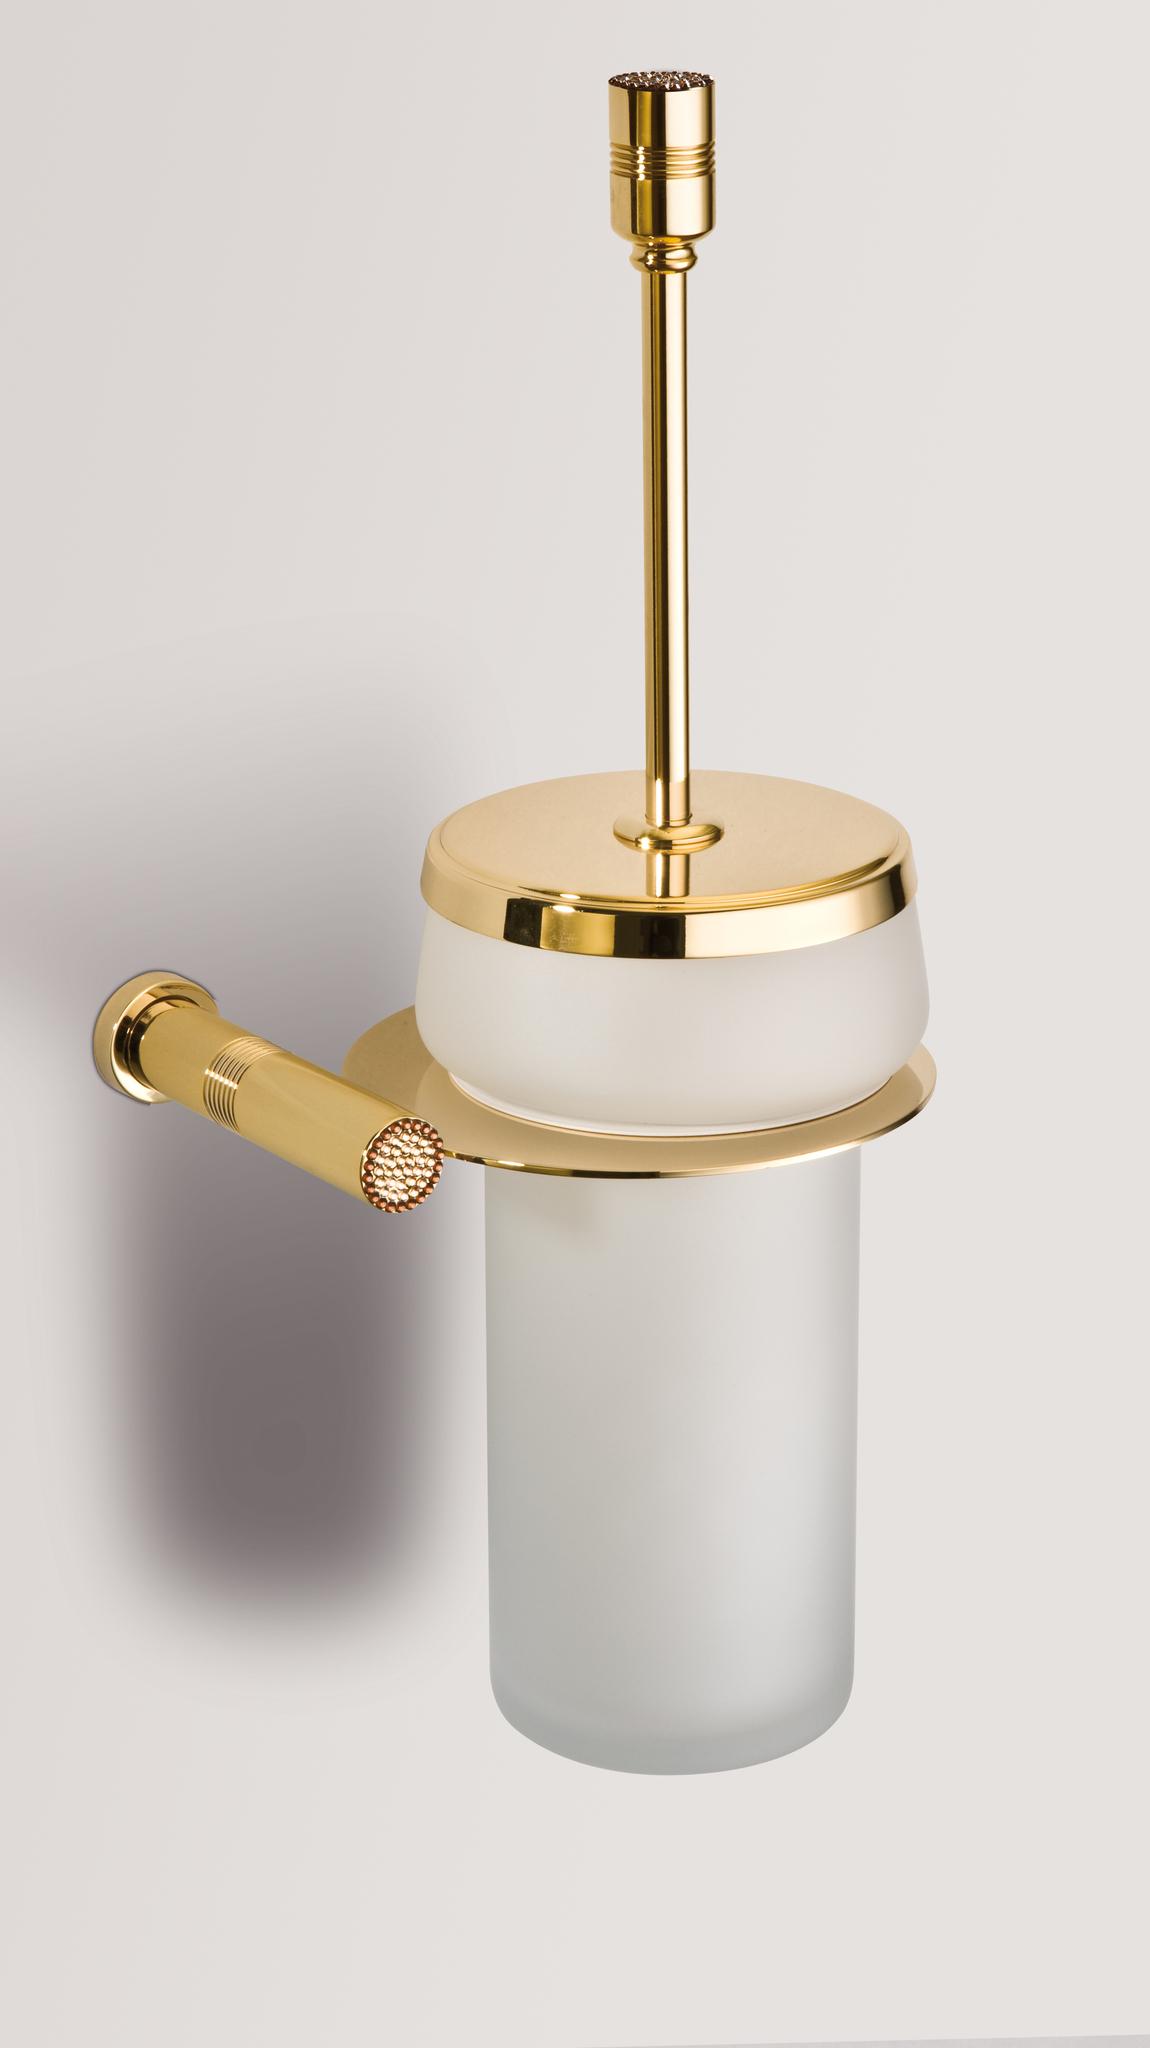 Ершики для туалета Ершик настенный Windisch 89160O Starlight ershik-nastennyy-89160-starlight-ot-windisch-ispaniya.jpg